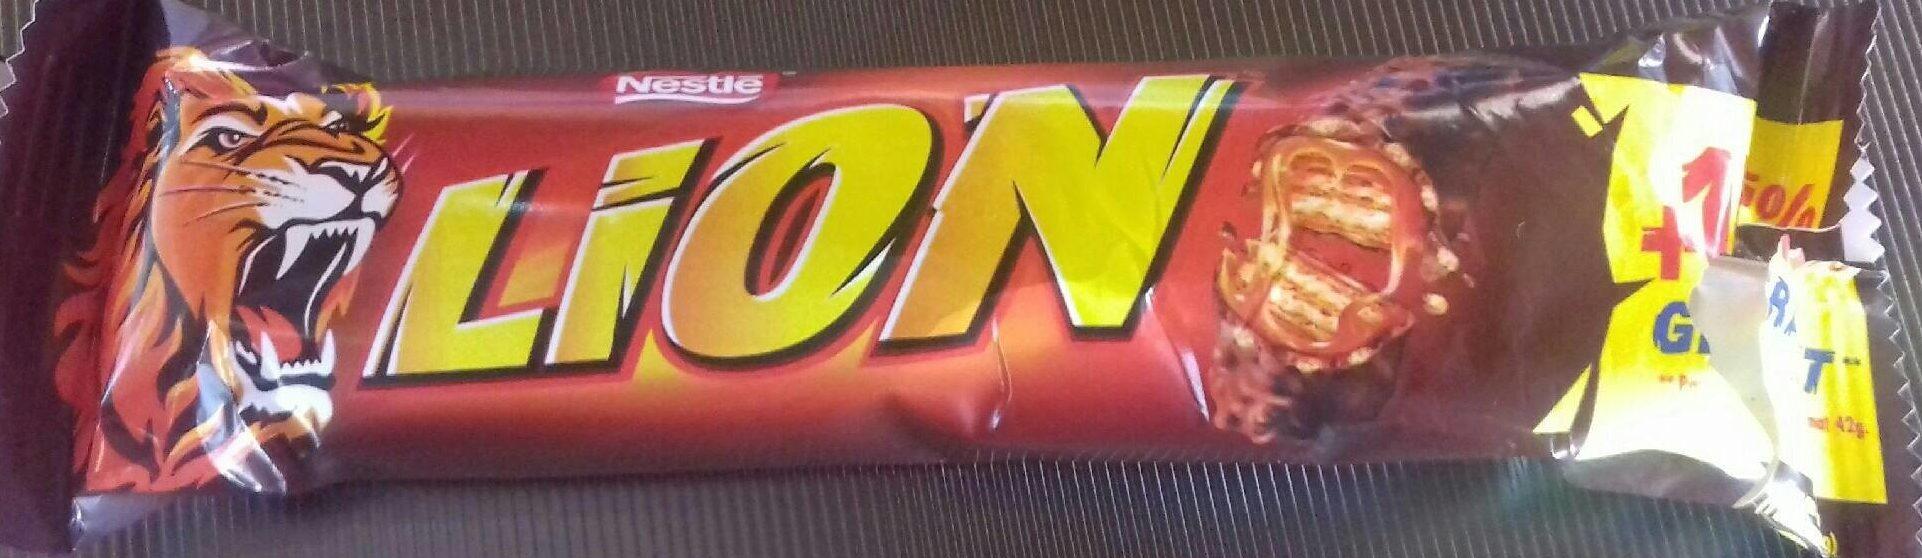 Lion - Product - en